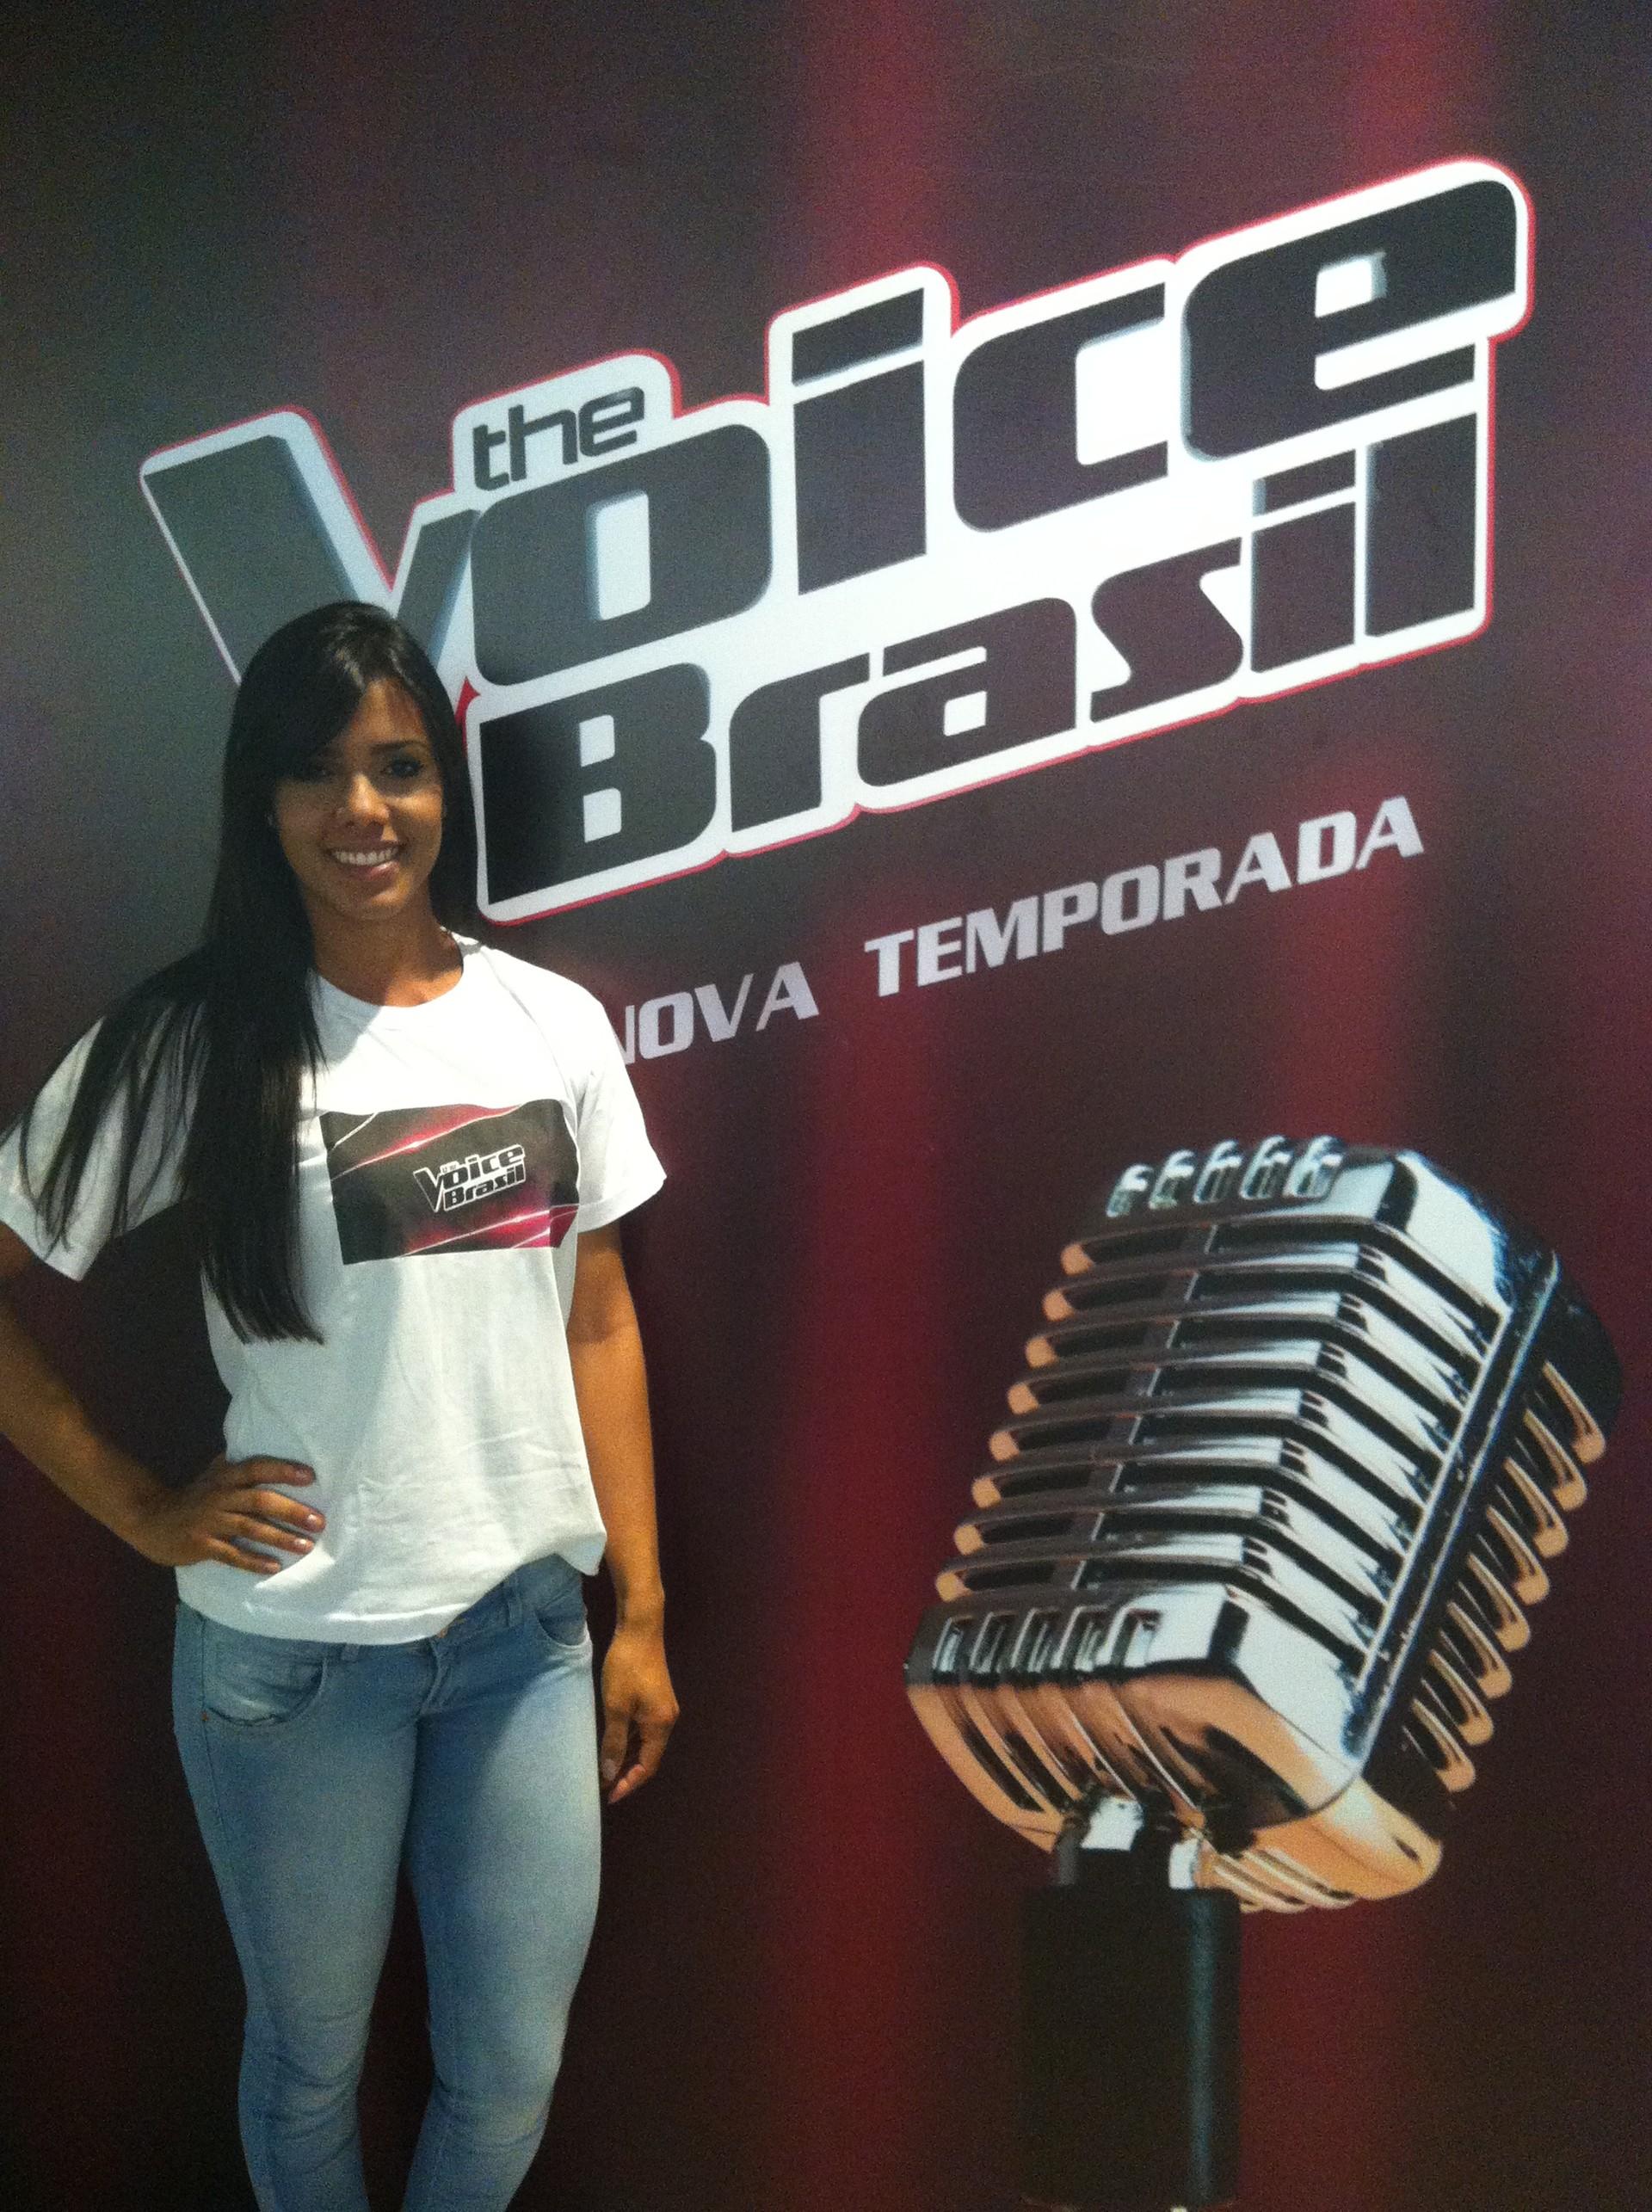 Lançamento do The Voice em Salvador (Foto: Adriana Almeida)